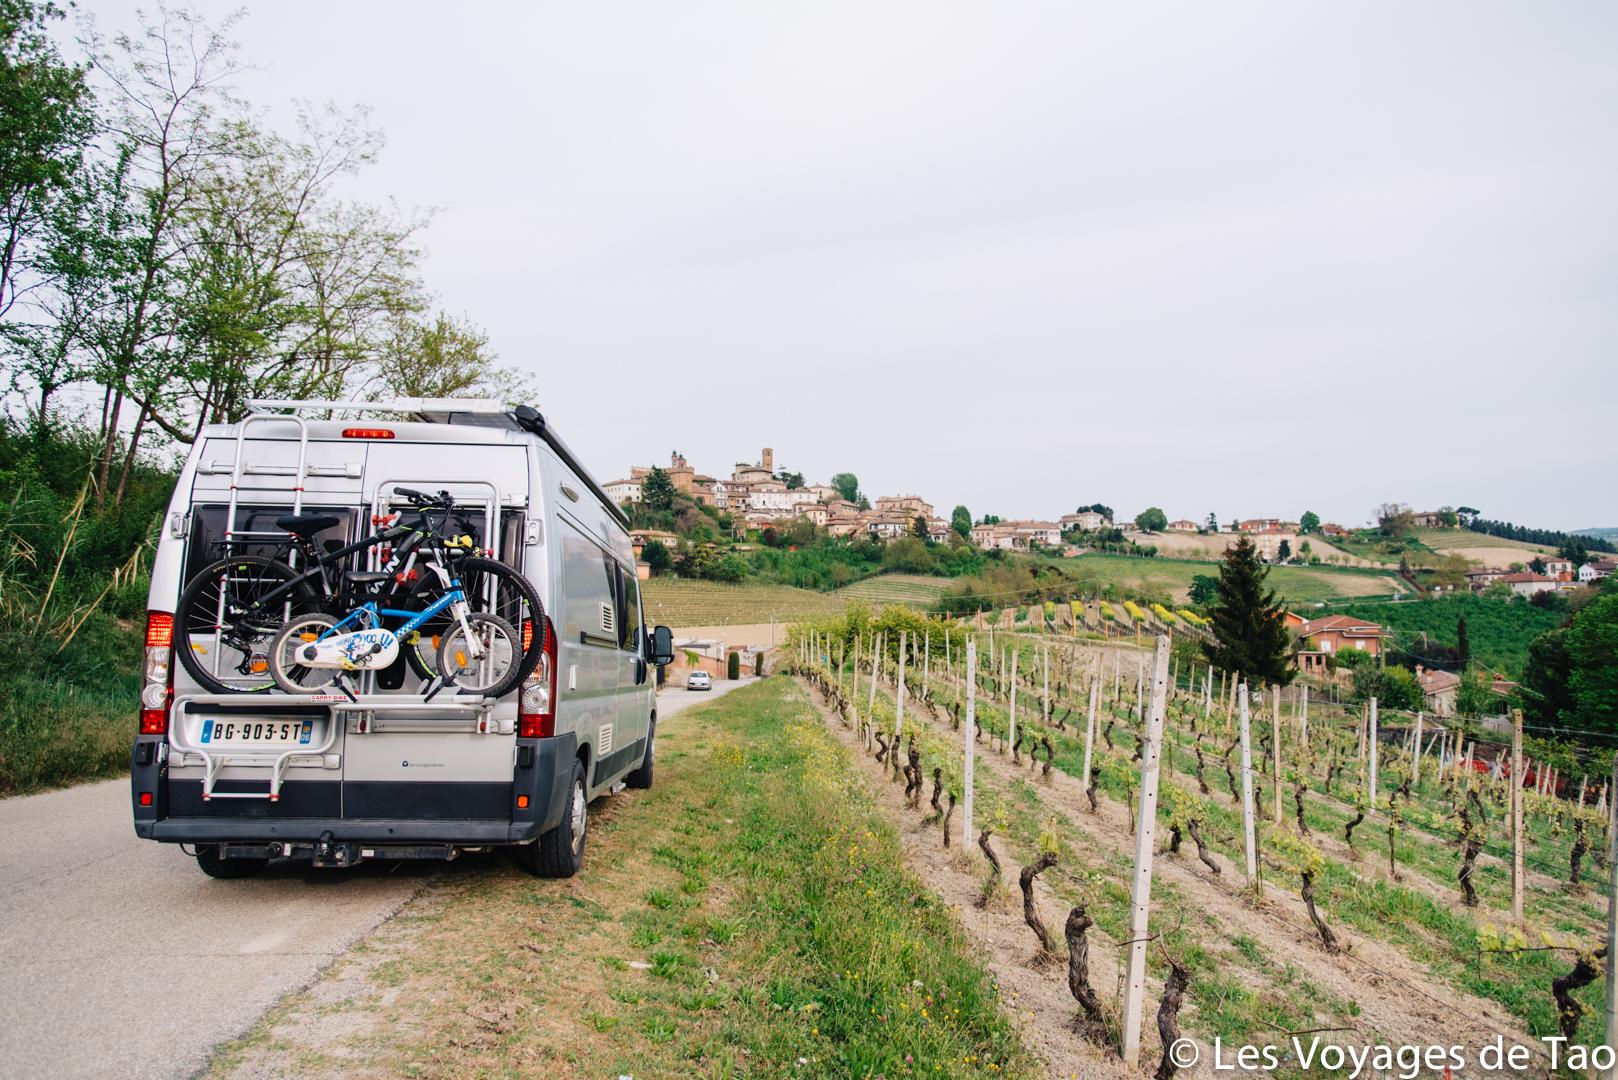 Camion en italie en famille